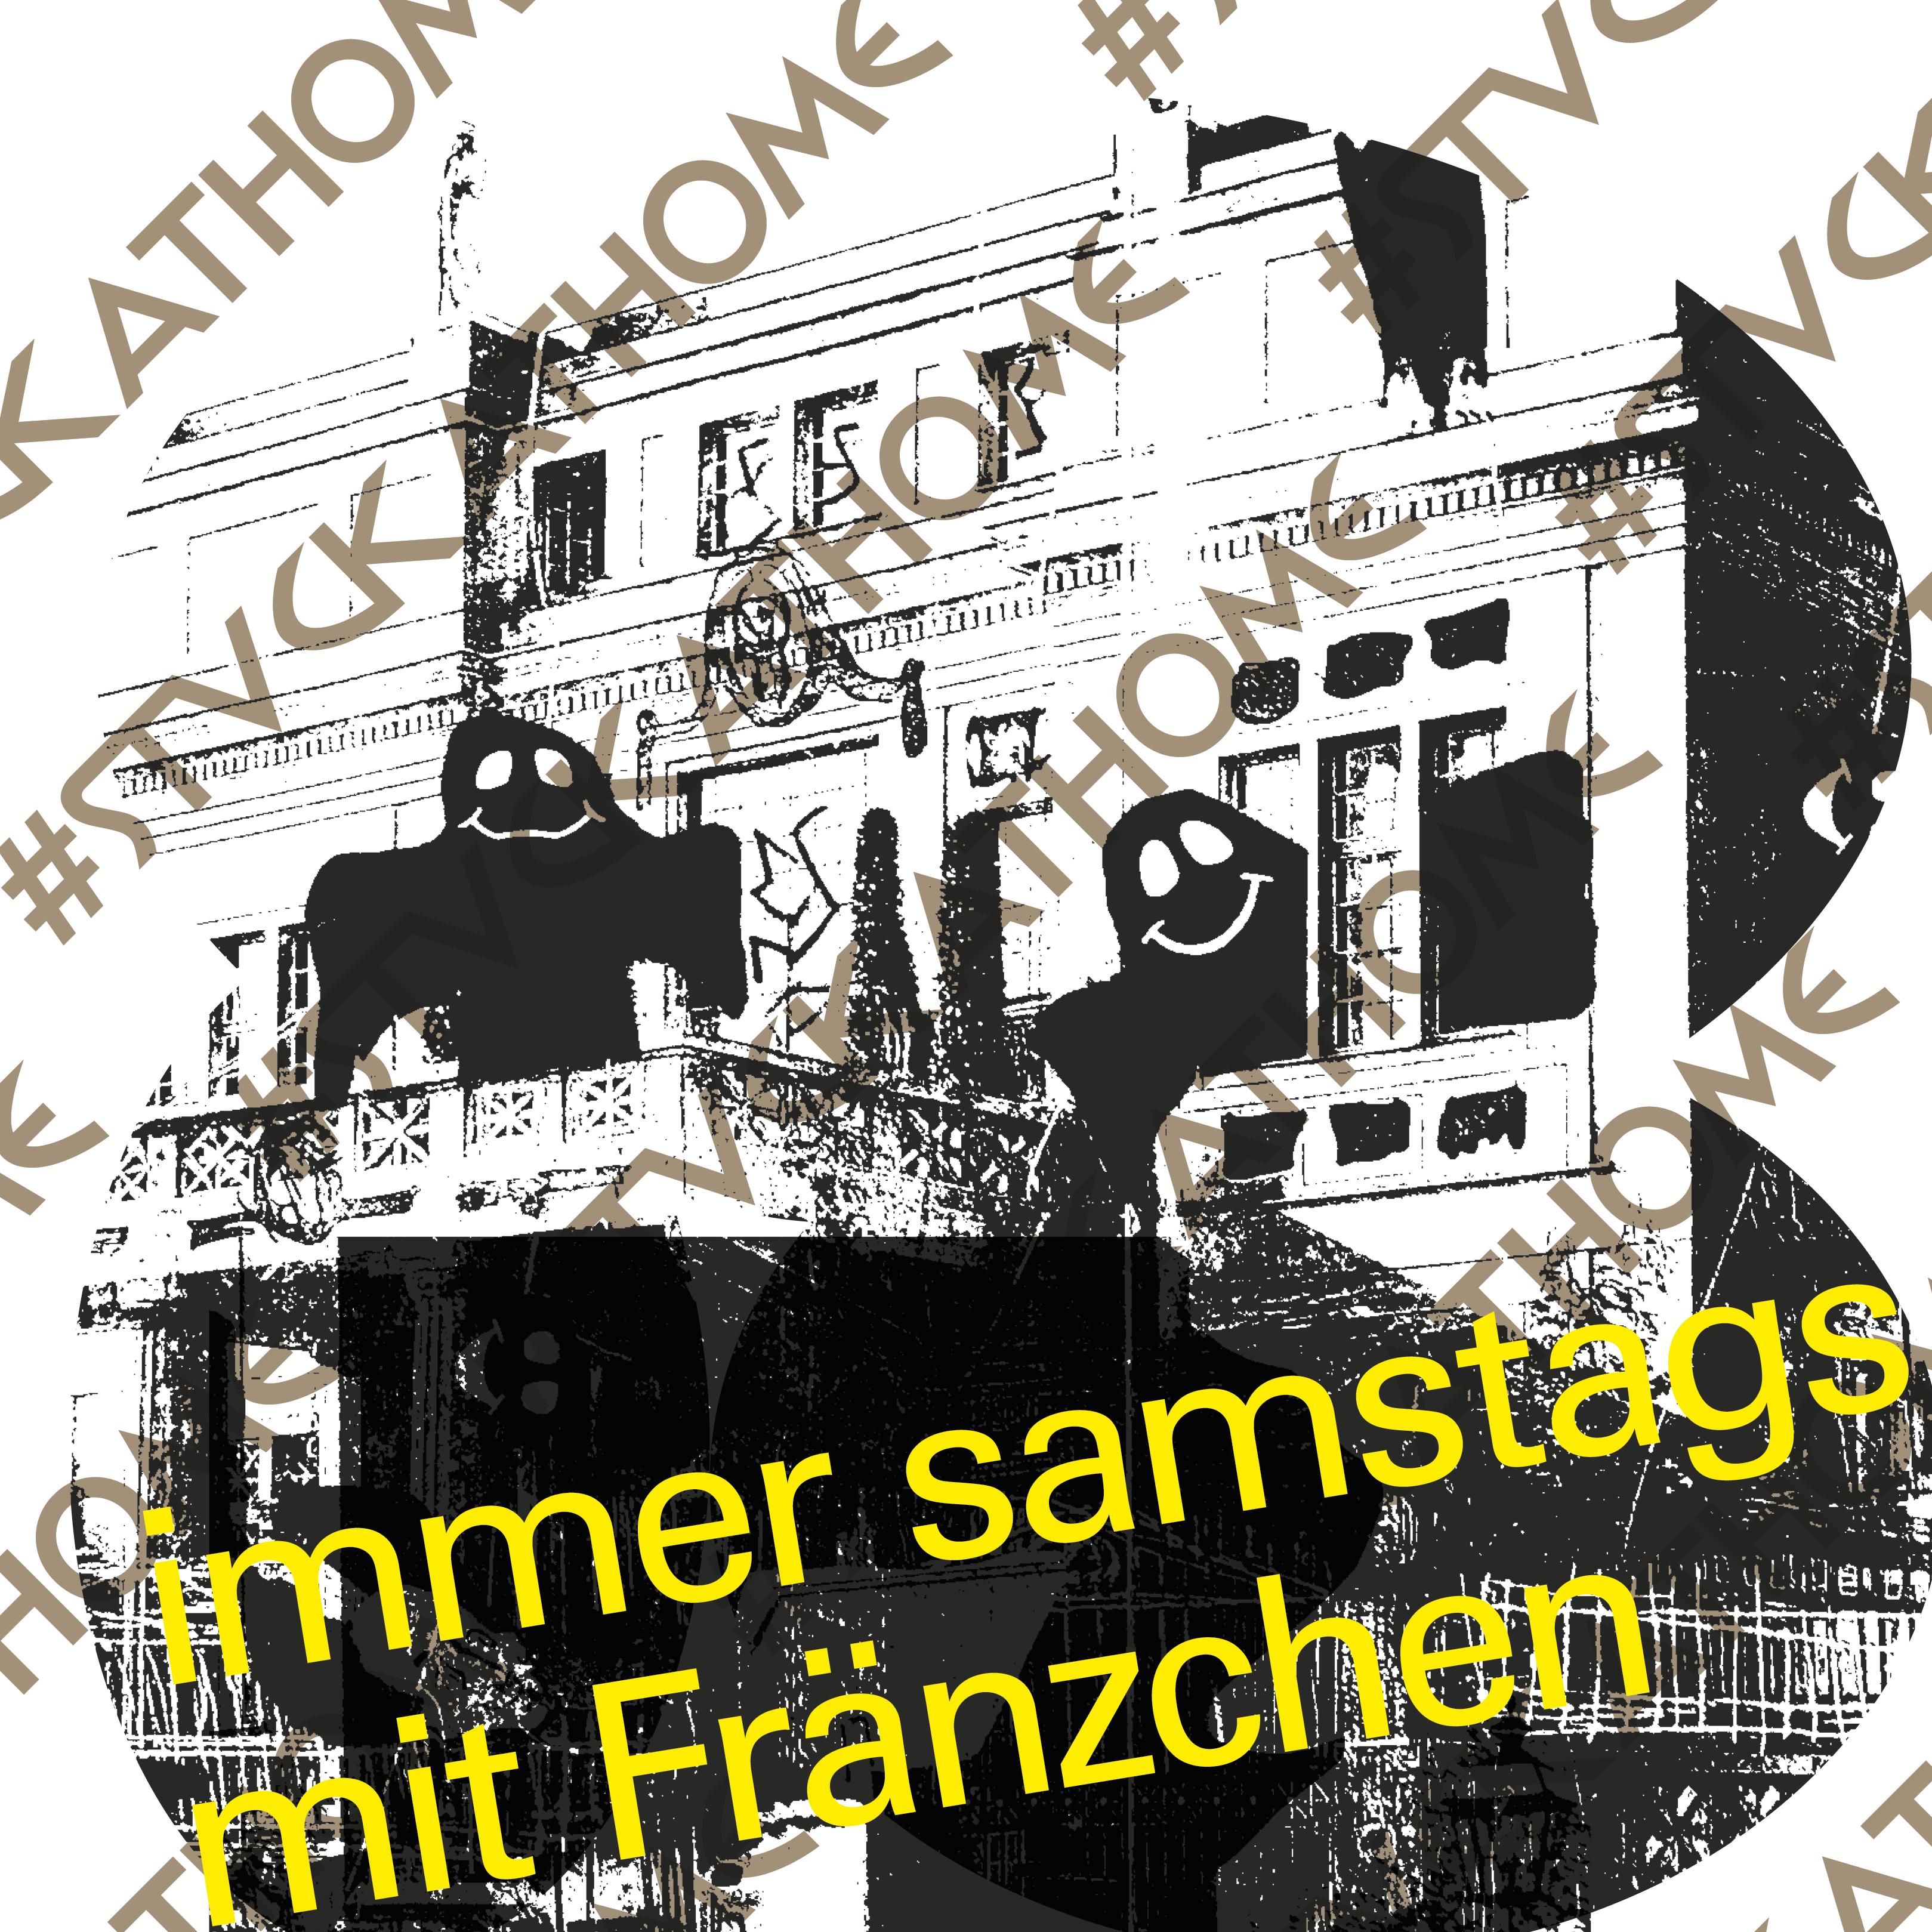 fraenzchen at home